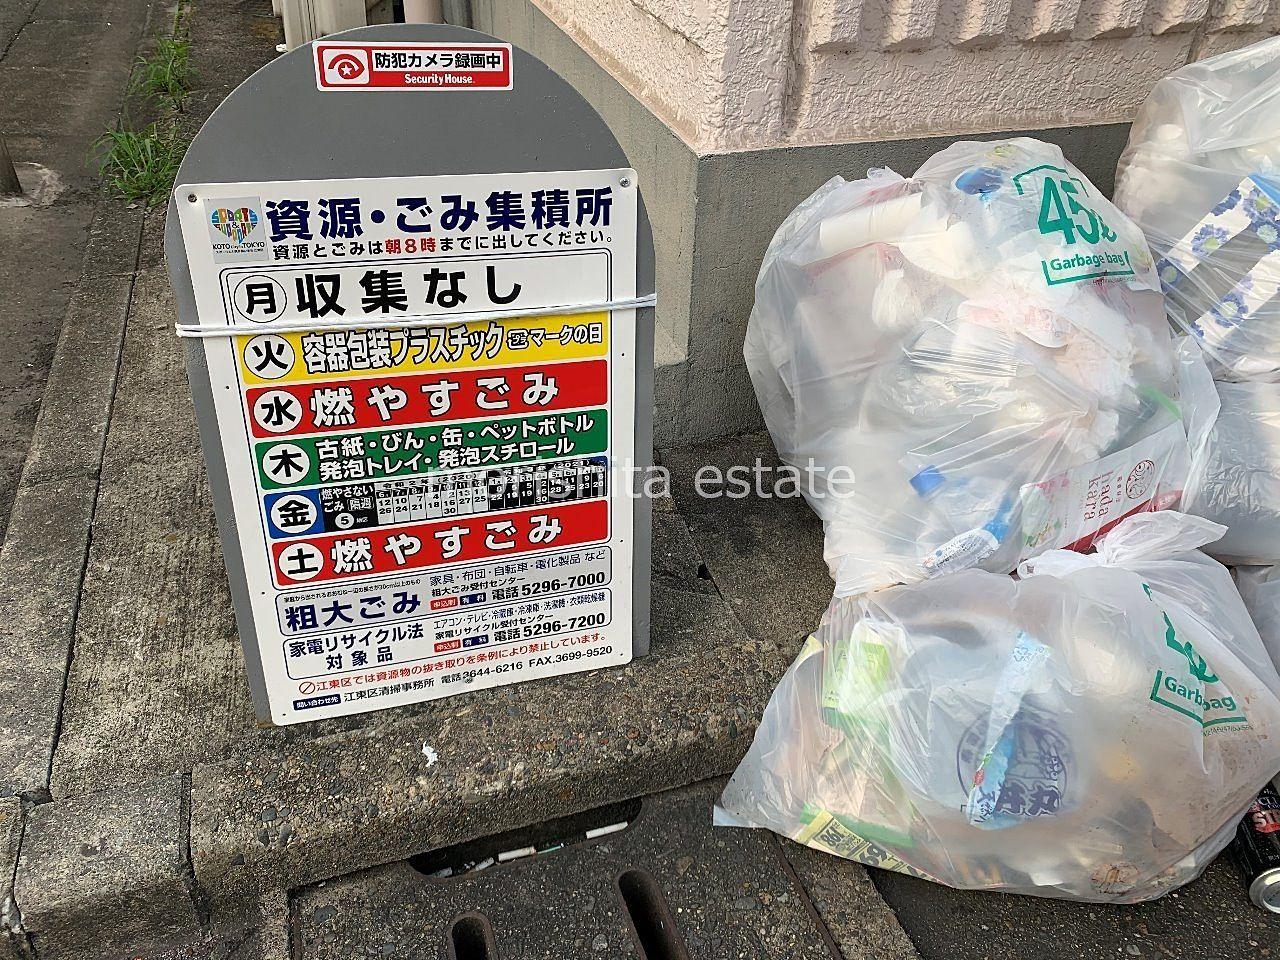 ごみ収集日(江東区・墨田区)